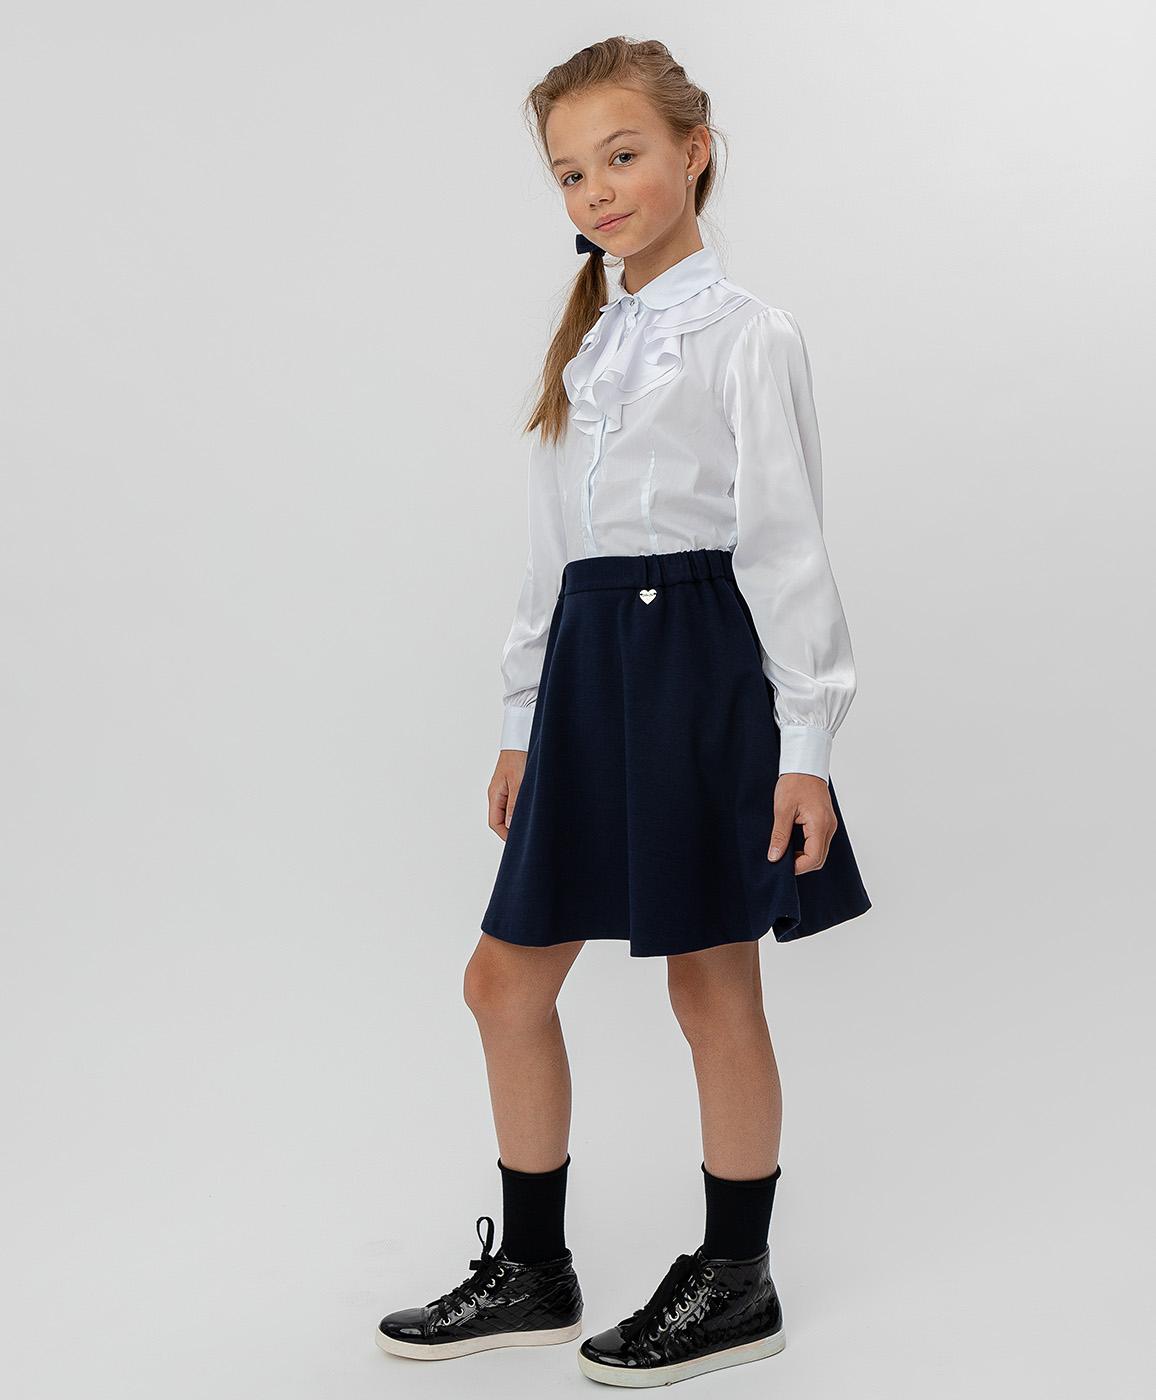 Купить 220BBGS55021000, Синяя юбка на резинке Button Blue, синий, 152, Джерси, Женский, Демисезон, ШКОЛЬНАЯ ФОРМА 2020-2021 (shop: GulliverMarket Gulliver Market)